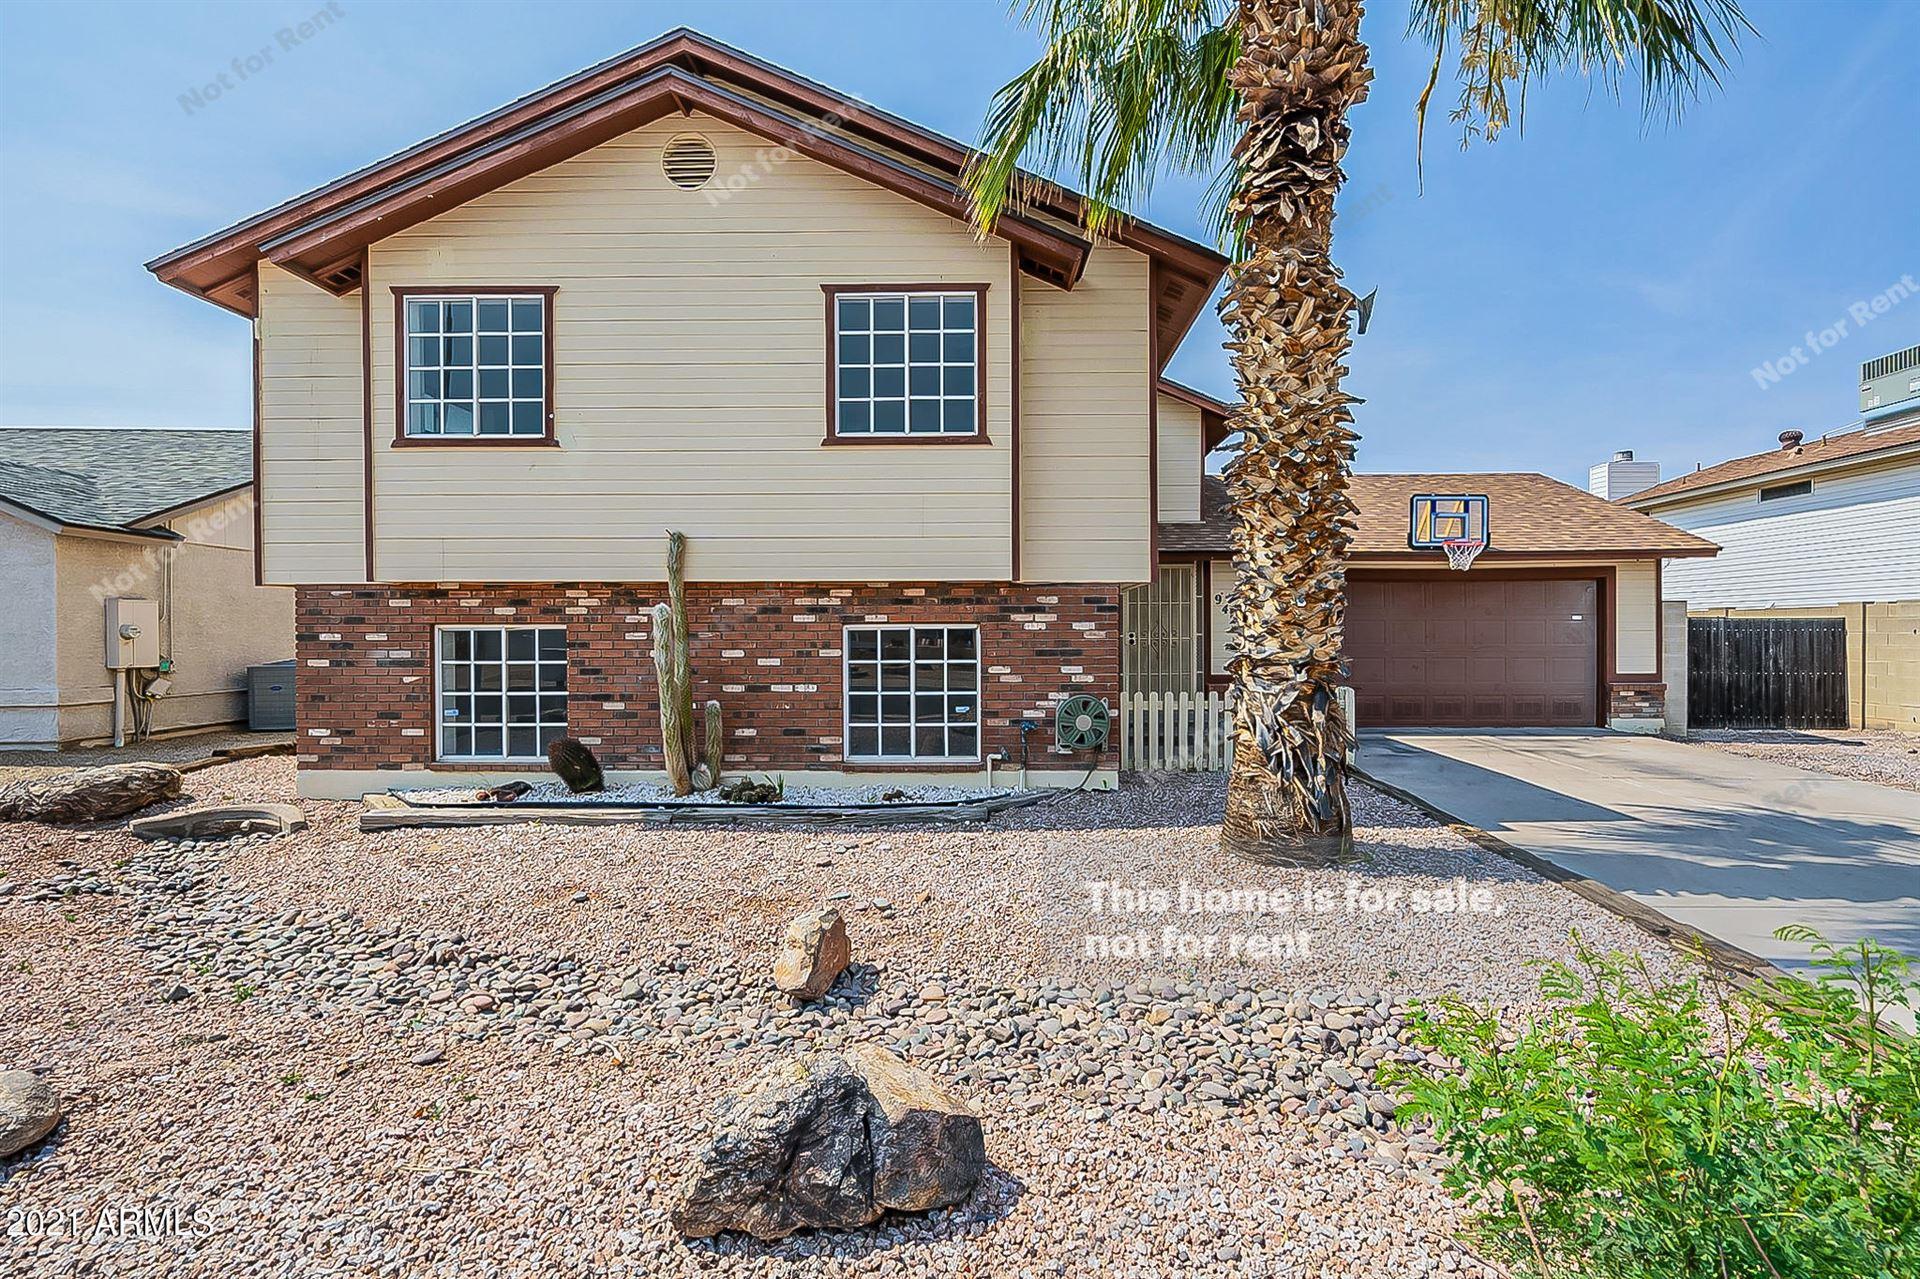 9427 E FLANDERS Road, Mesa, AZ 85207 - MLS#: 6251867